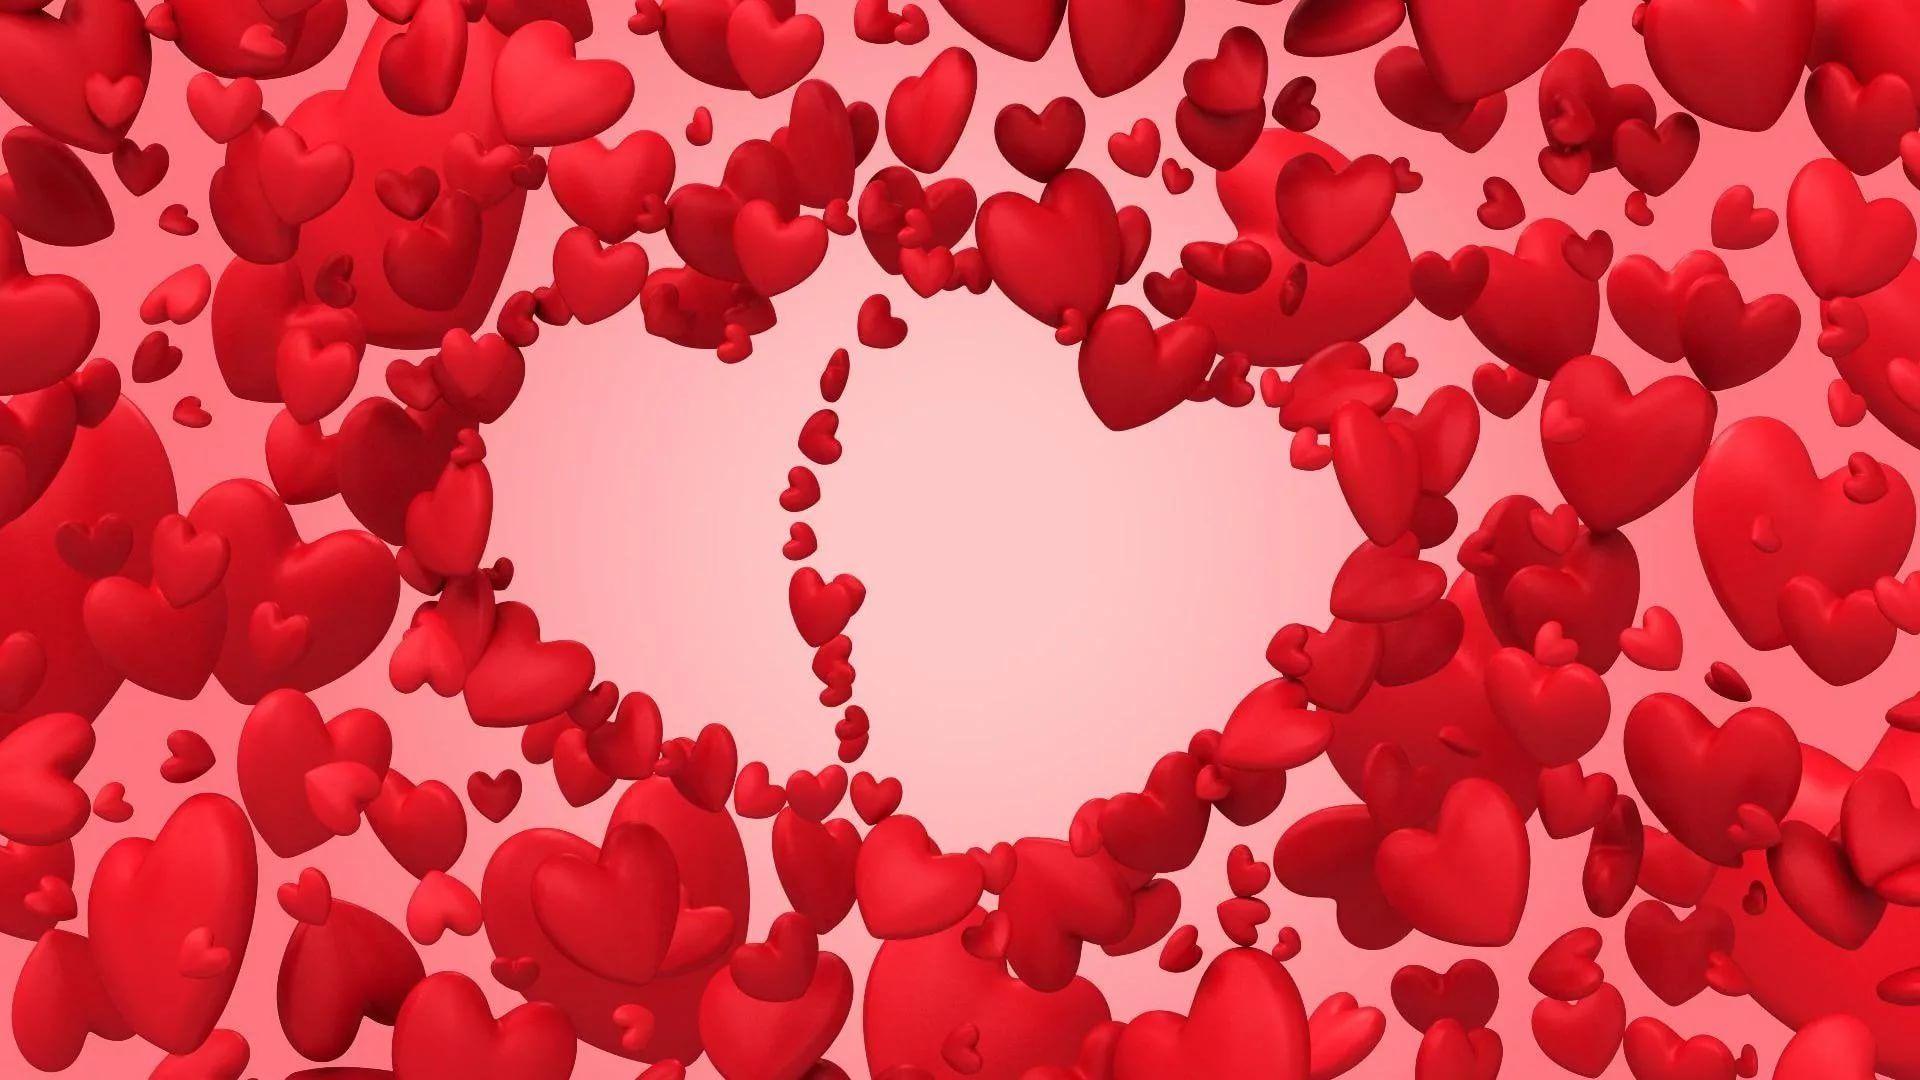 Valentine Screensaver Image